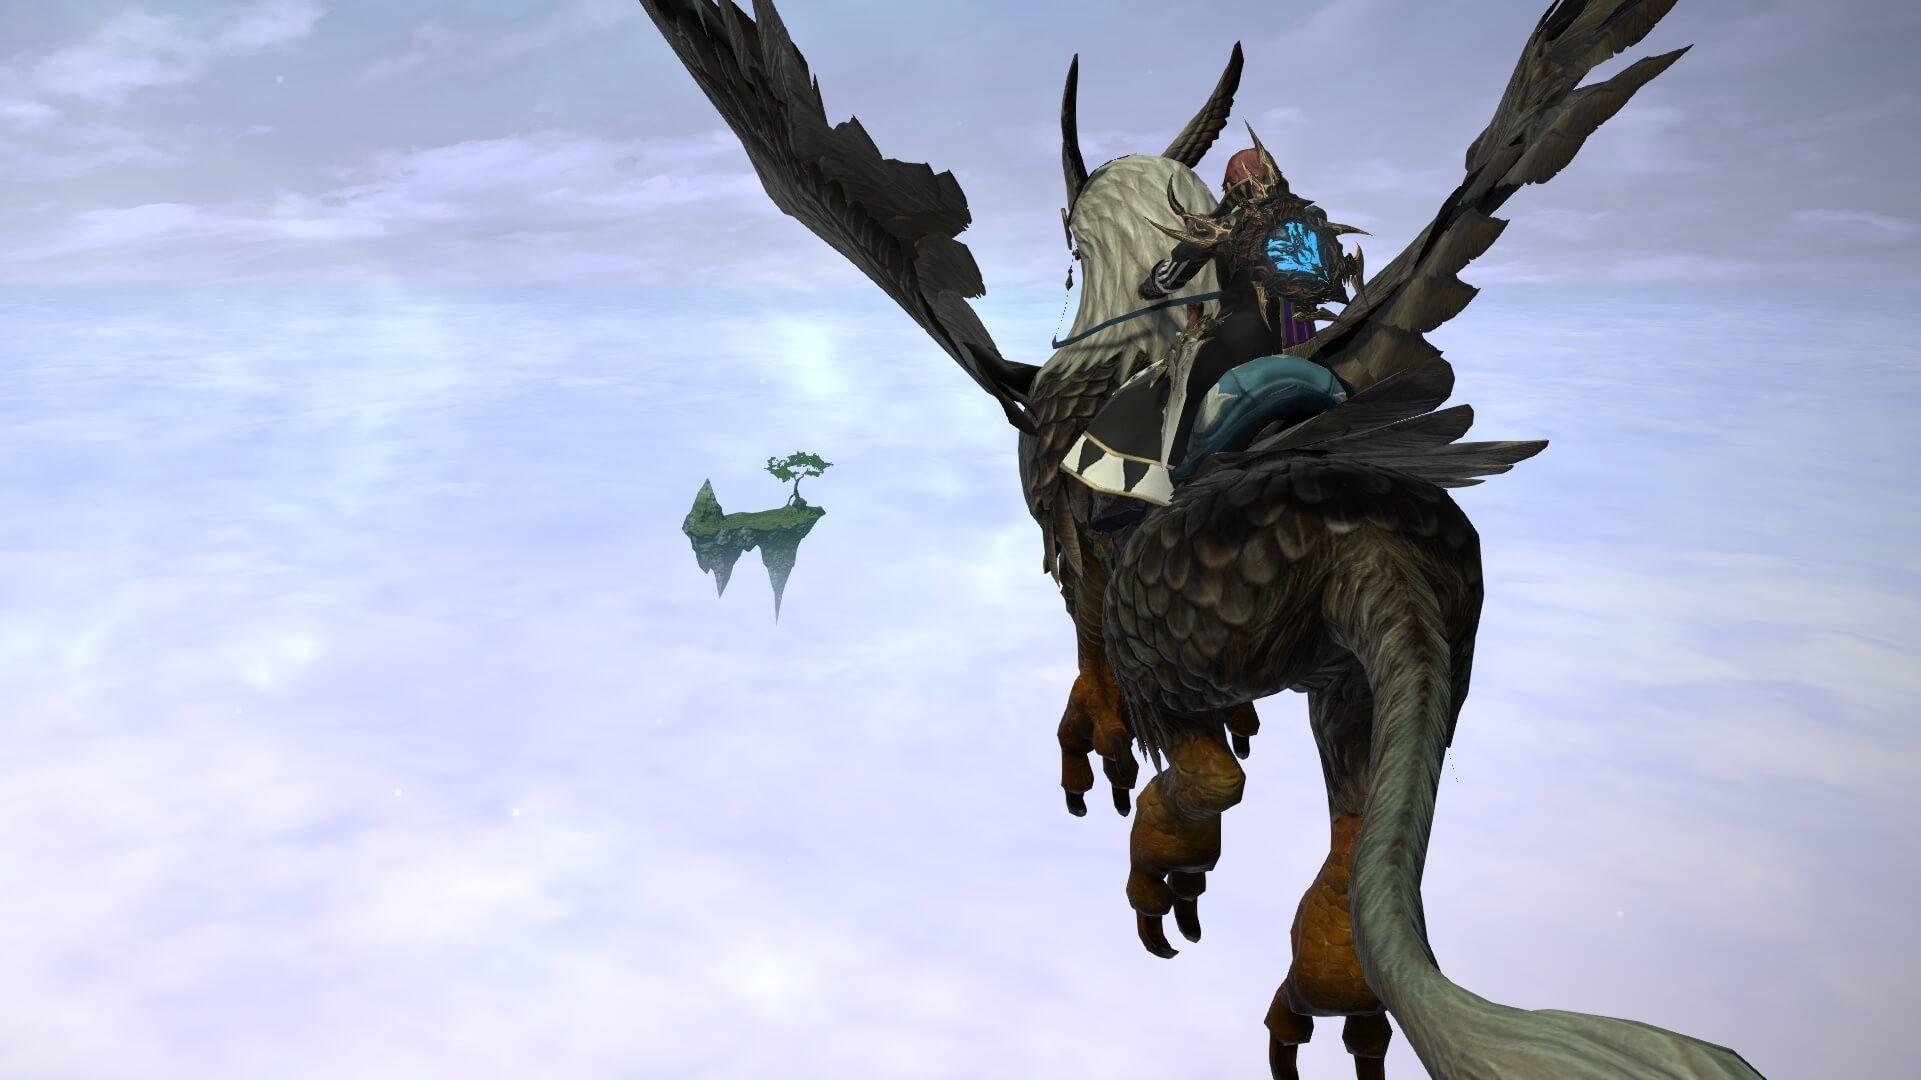 【FF14】新24人レイド『魔航船ヴォイドアーク』をアヴァラシア雲海で見た!!